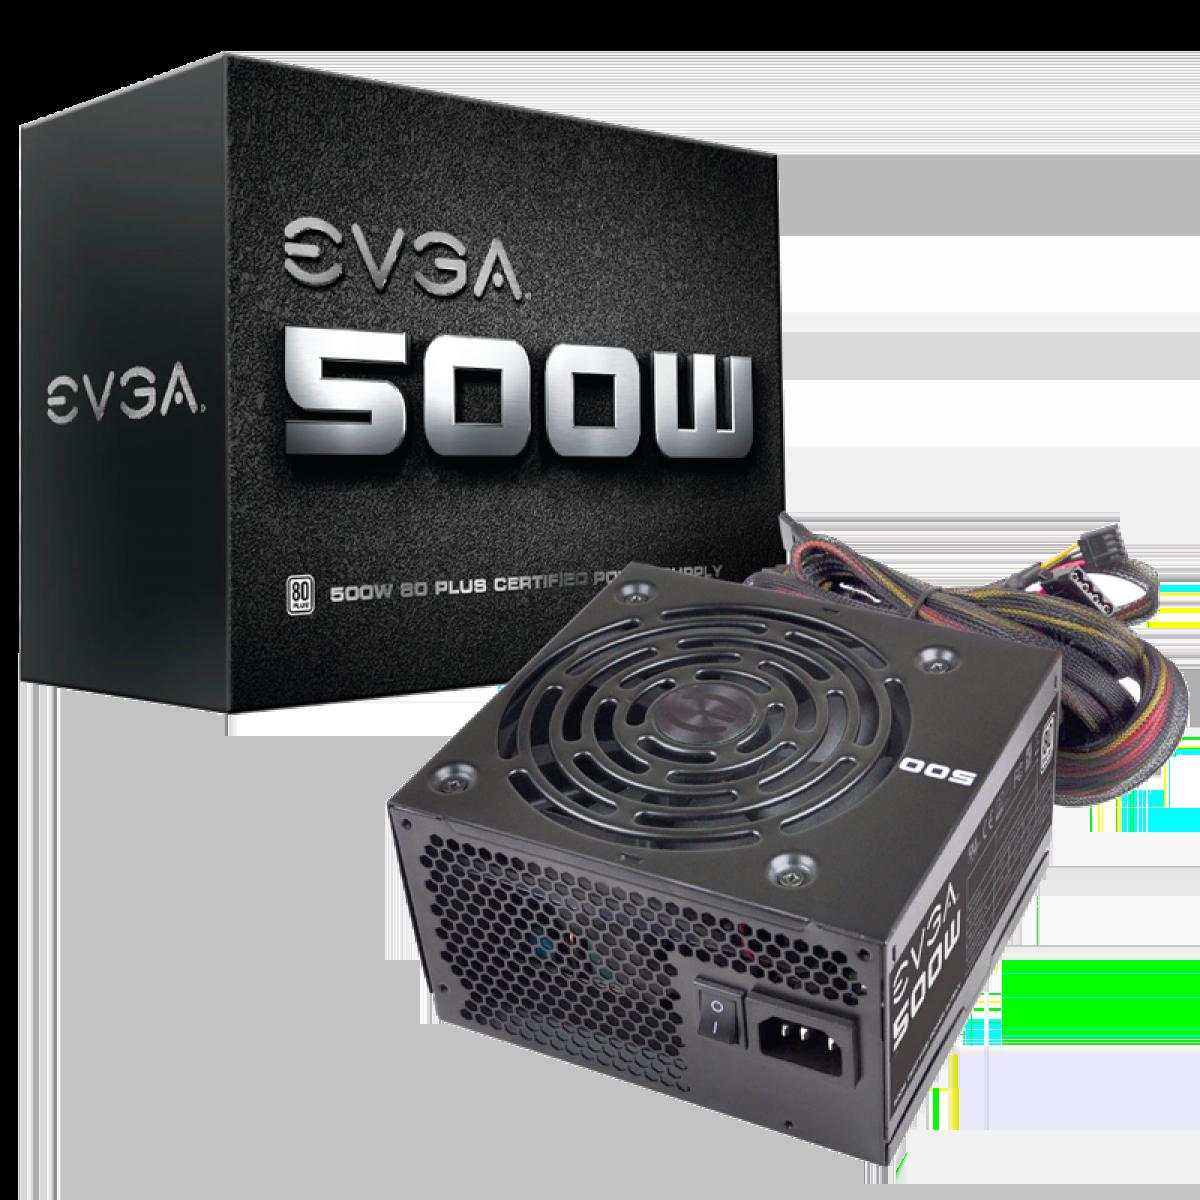 fonte-evga-500-01